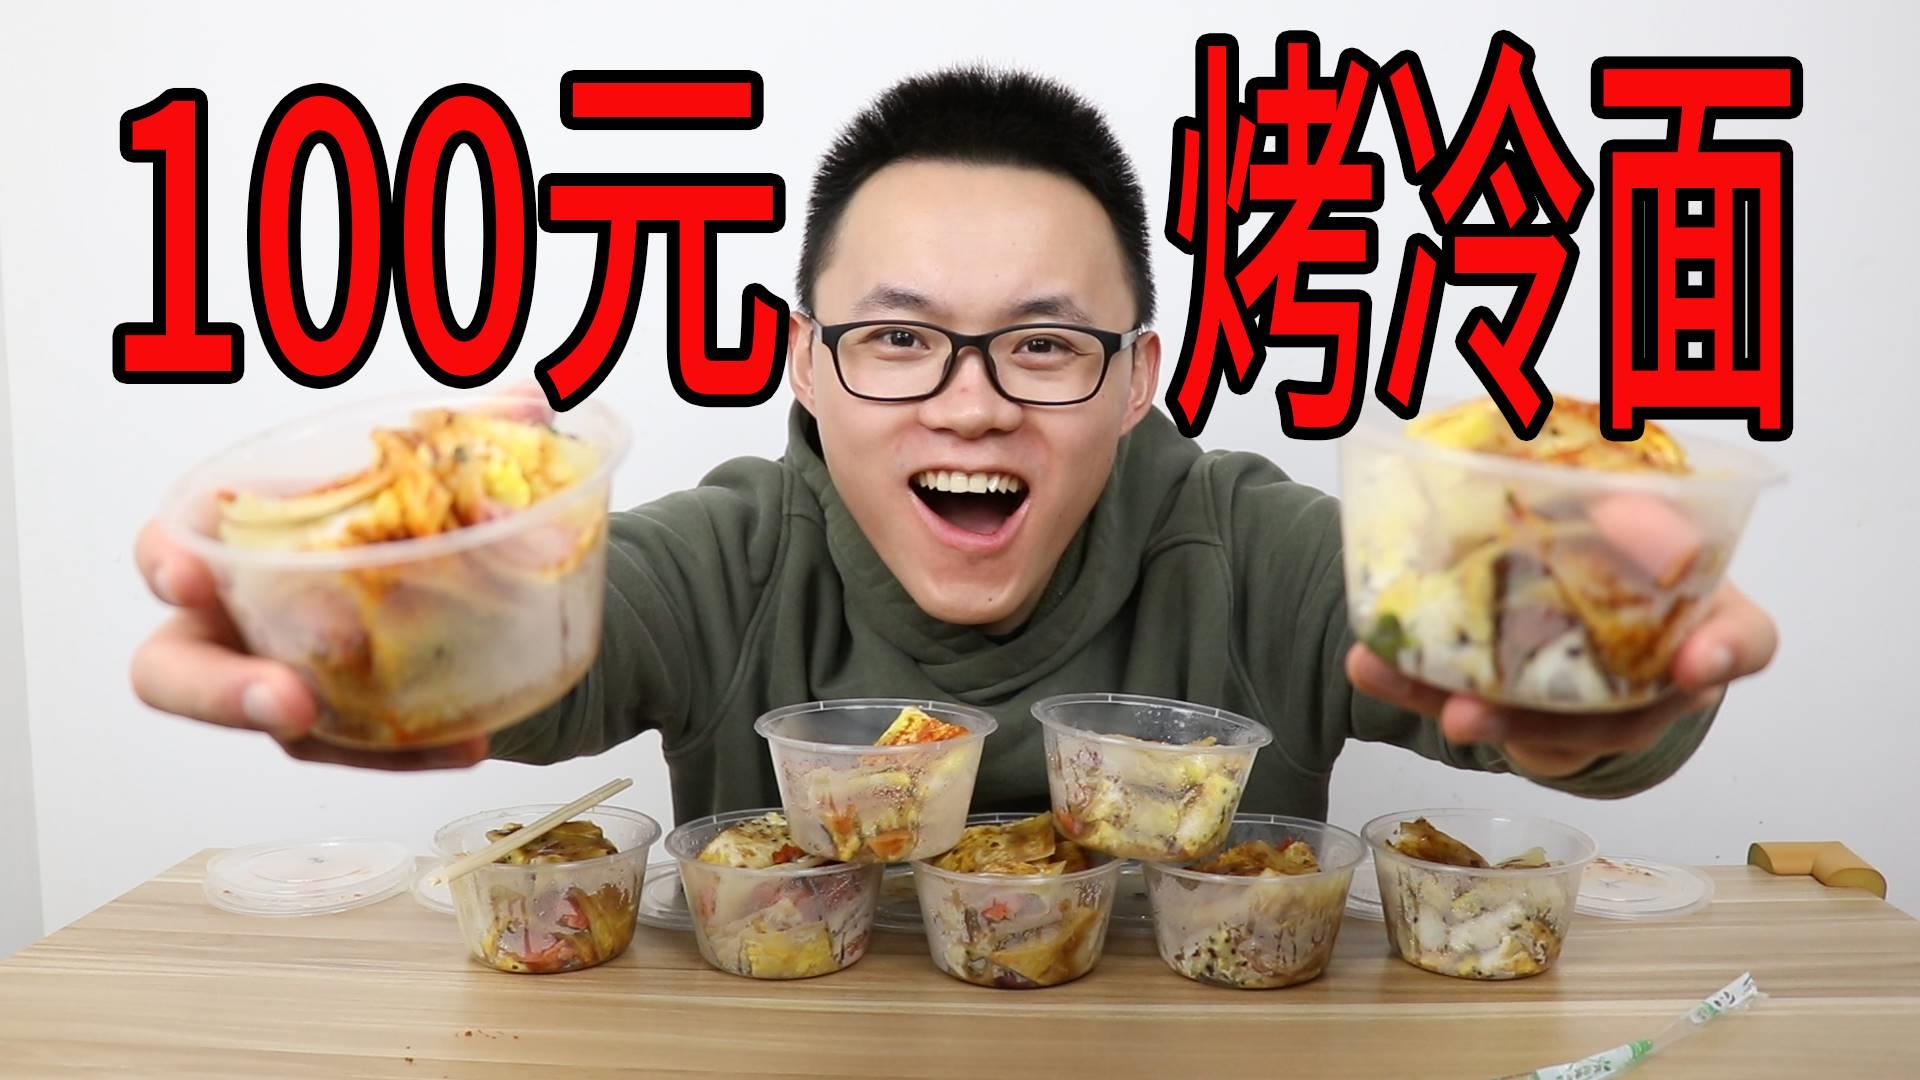 小伙试吃100元烤冷面,原因是他从没吃过,一口气他能吃多少?